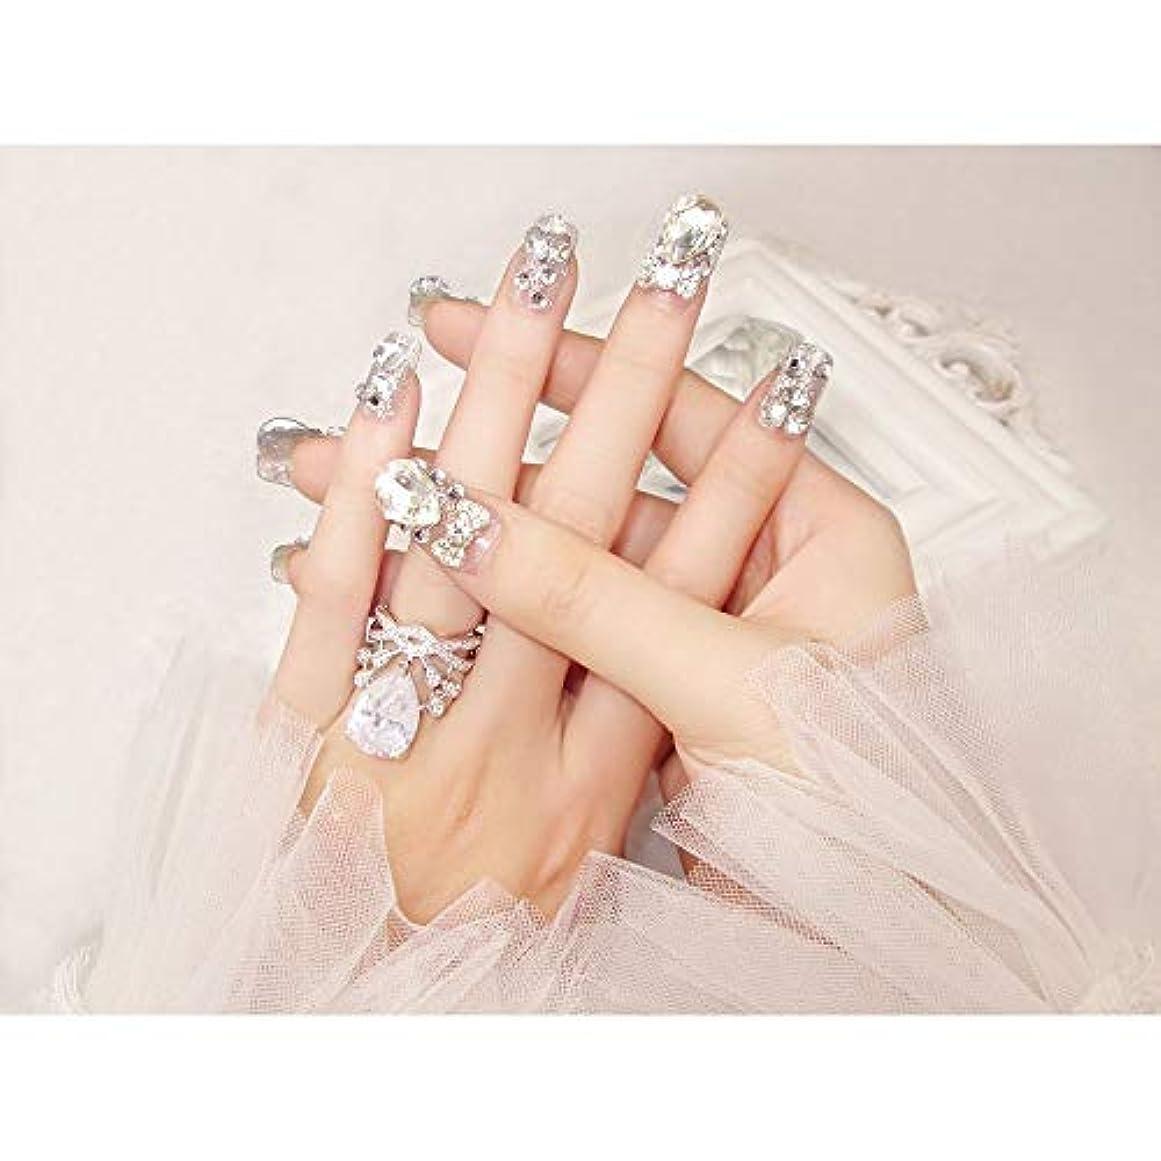 カニ八百屋ハンサムLVUITTON 完成した偽の釘24ピース箱入り花嫁シャイニー偽の爪の宝石ダイヤモンドの宝石ブライダルネイルステッカー (色 : 24 pieces)